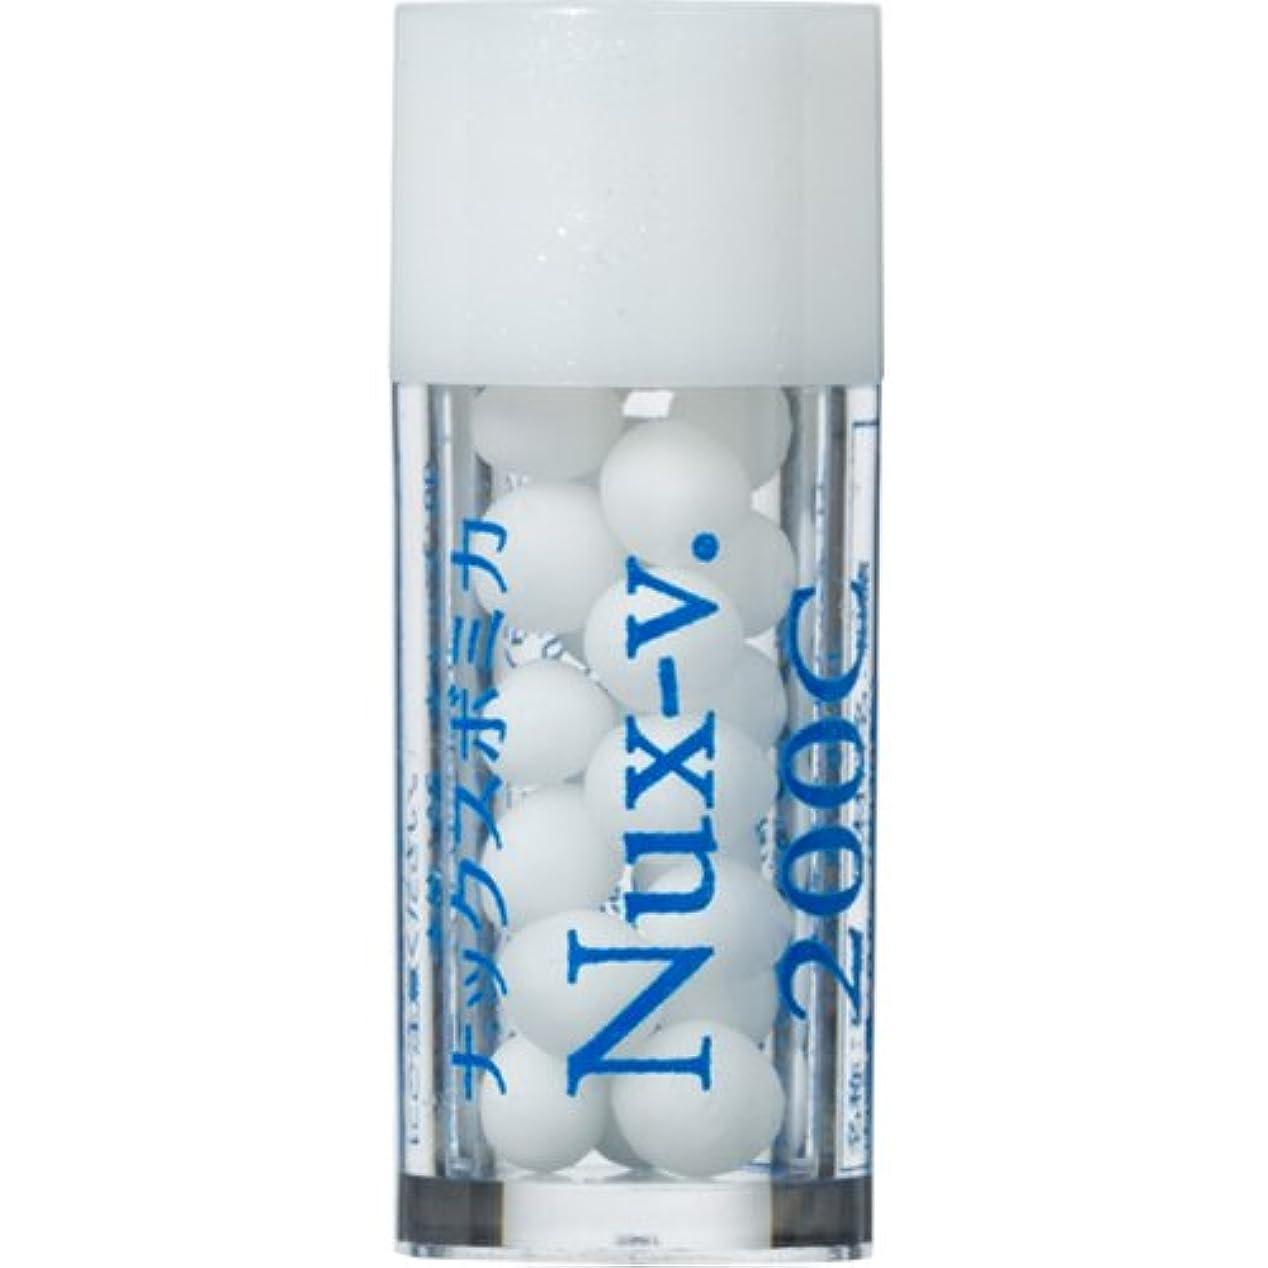 非常に怒っています喉が渇いた最初にホメオパシージャパンレメディー バース19 Nux-v. ナックスボミカ 200C